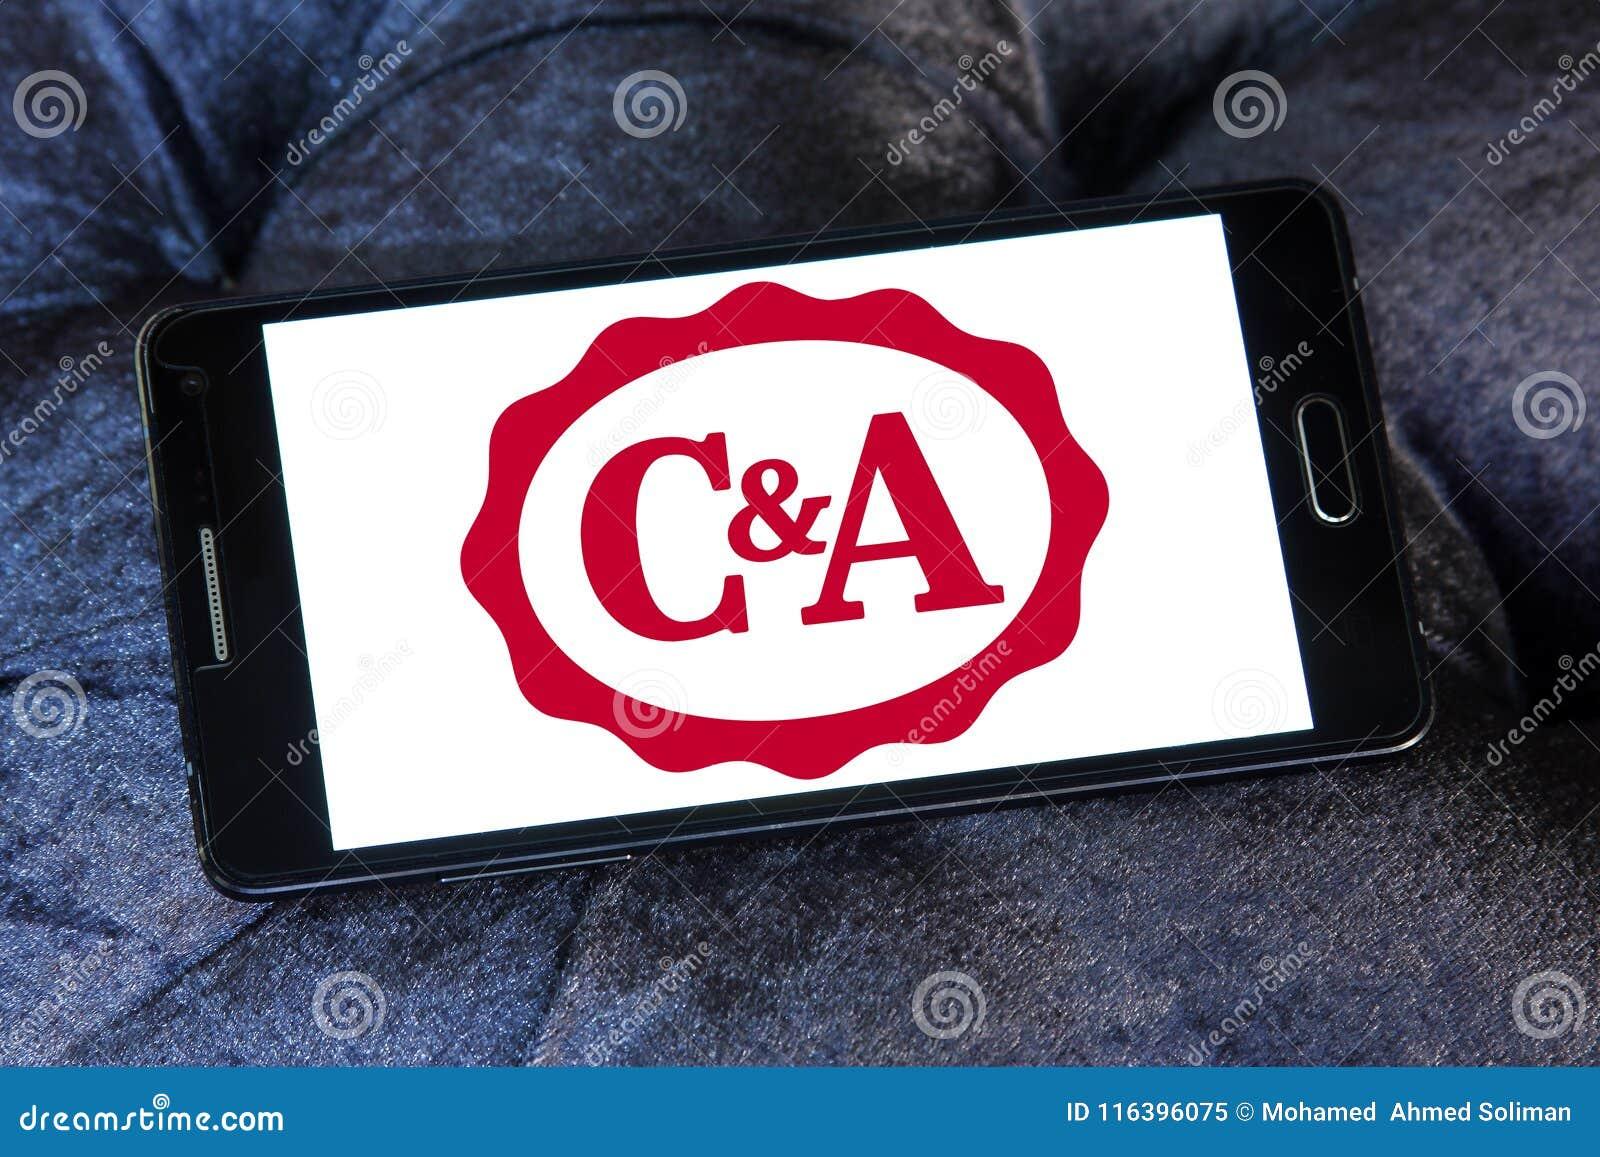 Logotipo Del Minorista De C A Imagen Editorial Imagen De Minorista Logotipo 116396075